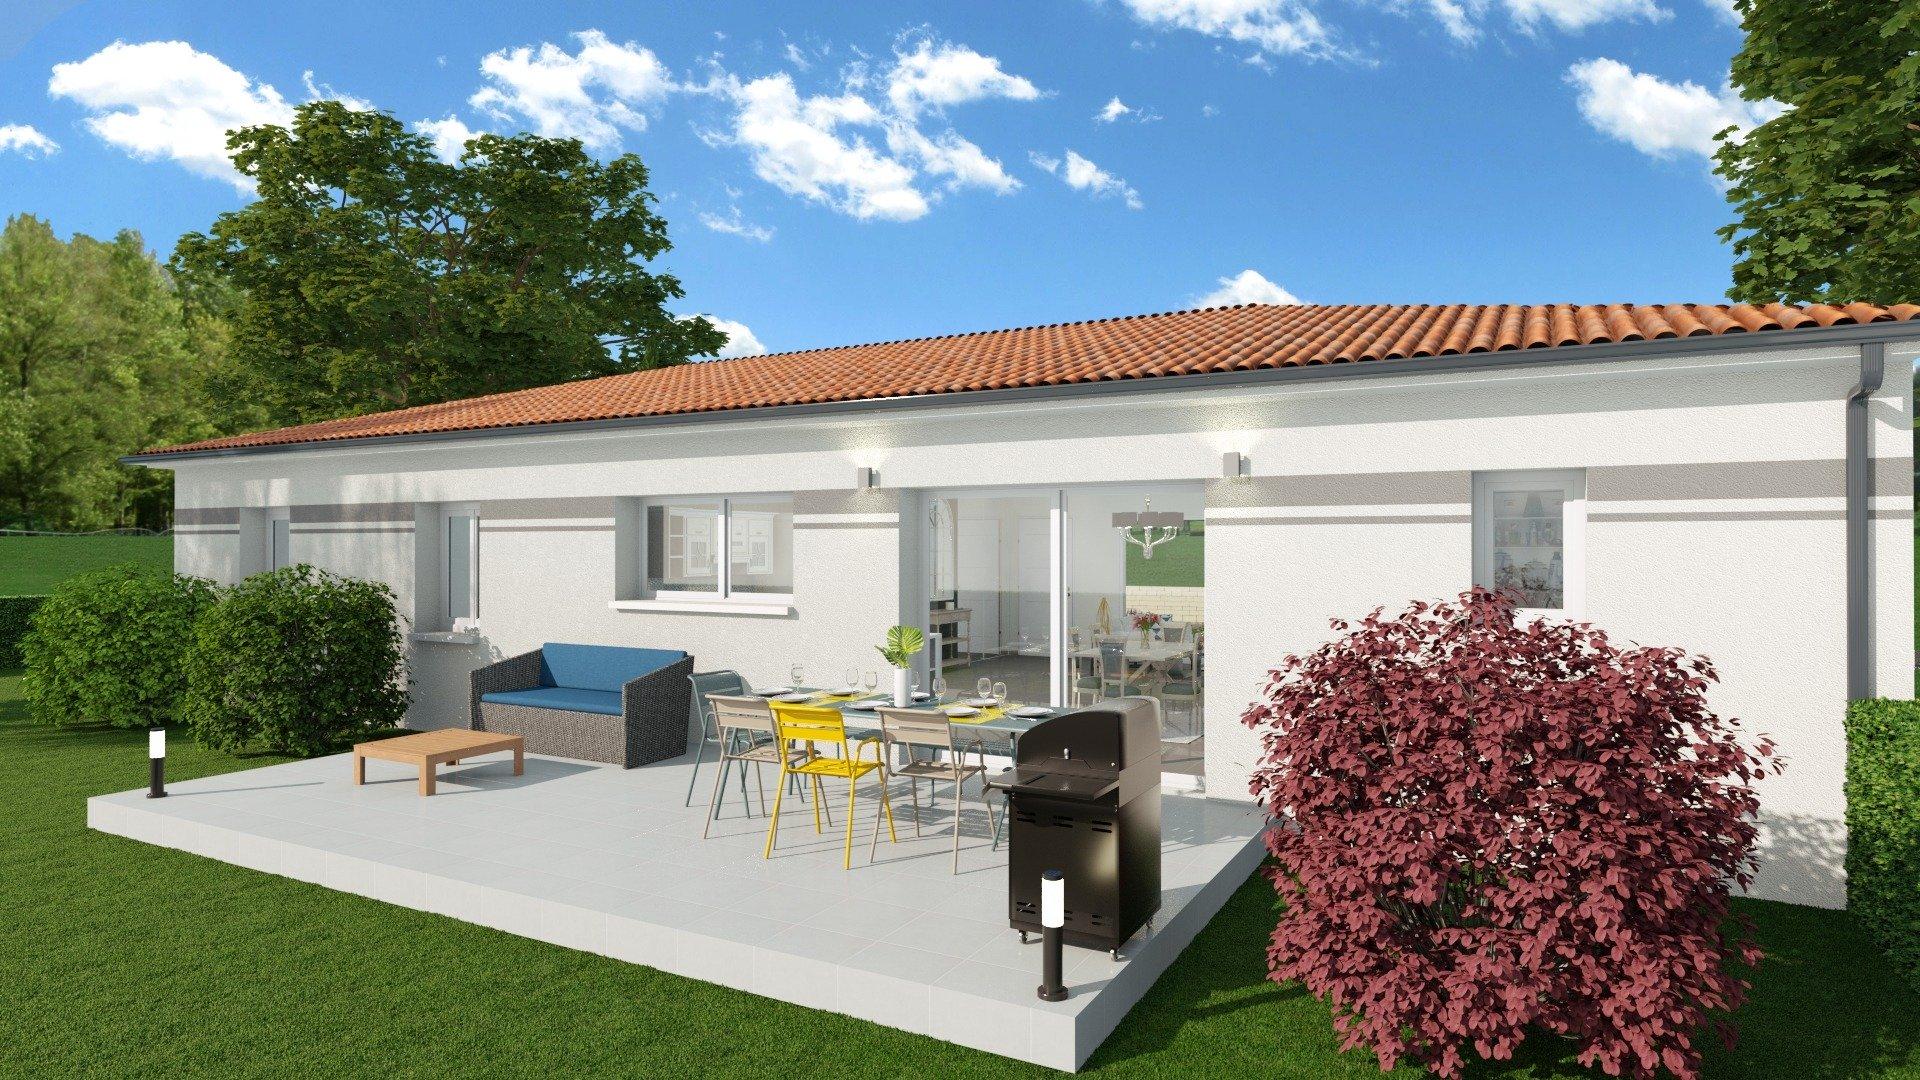 Extension Maison Terrasse Couverte découverte - demeures côte argent